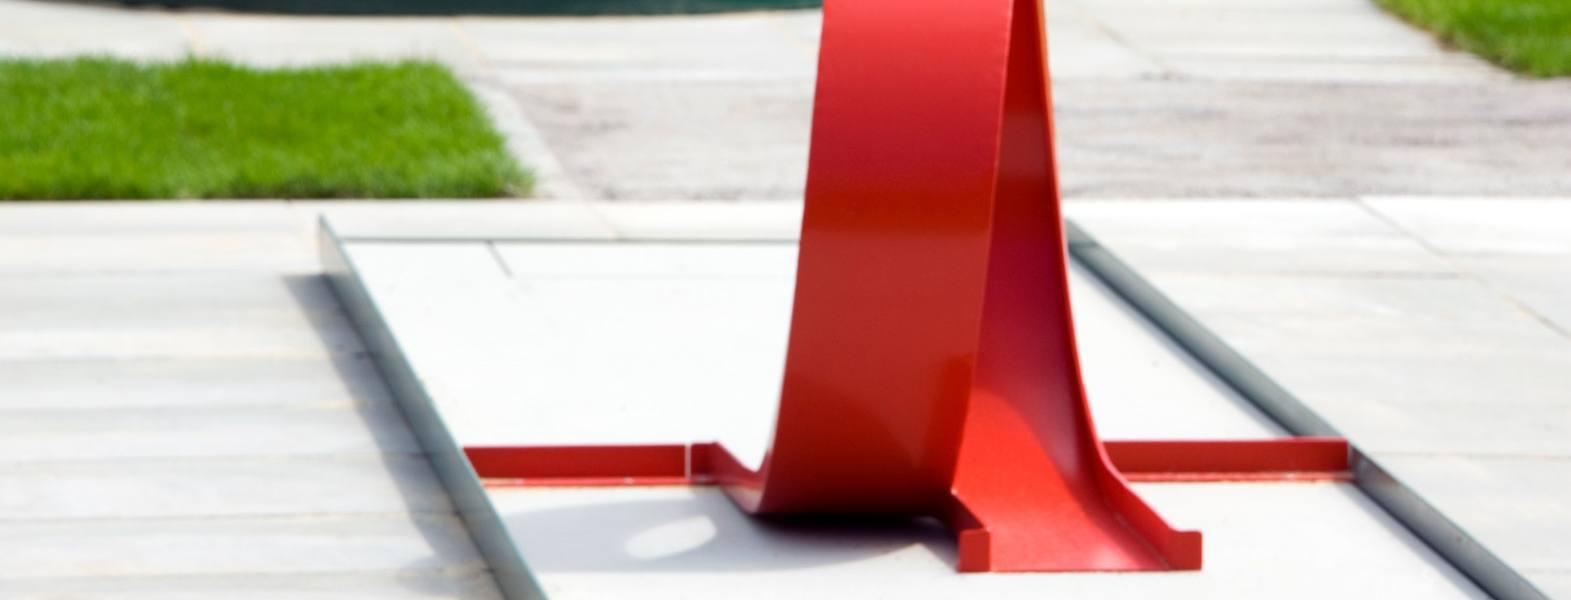 Minigolfplatz, © Bernd Otten